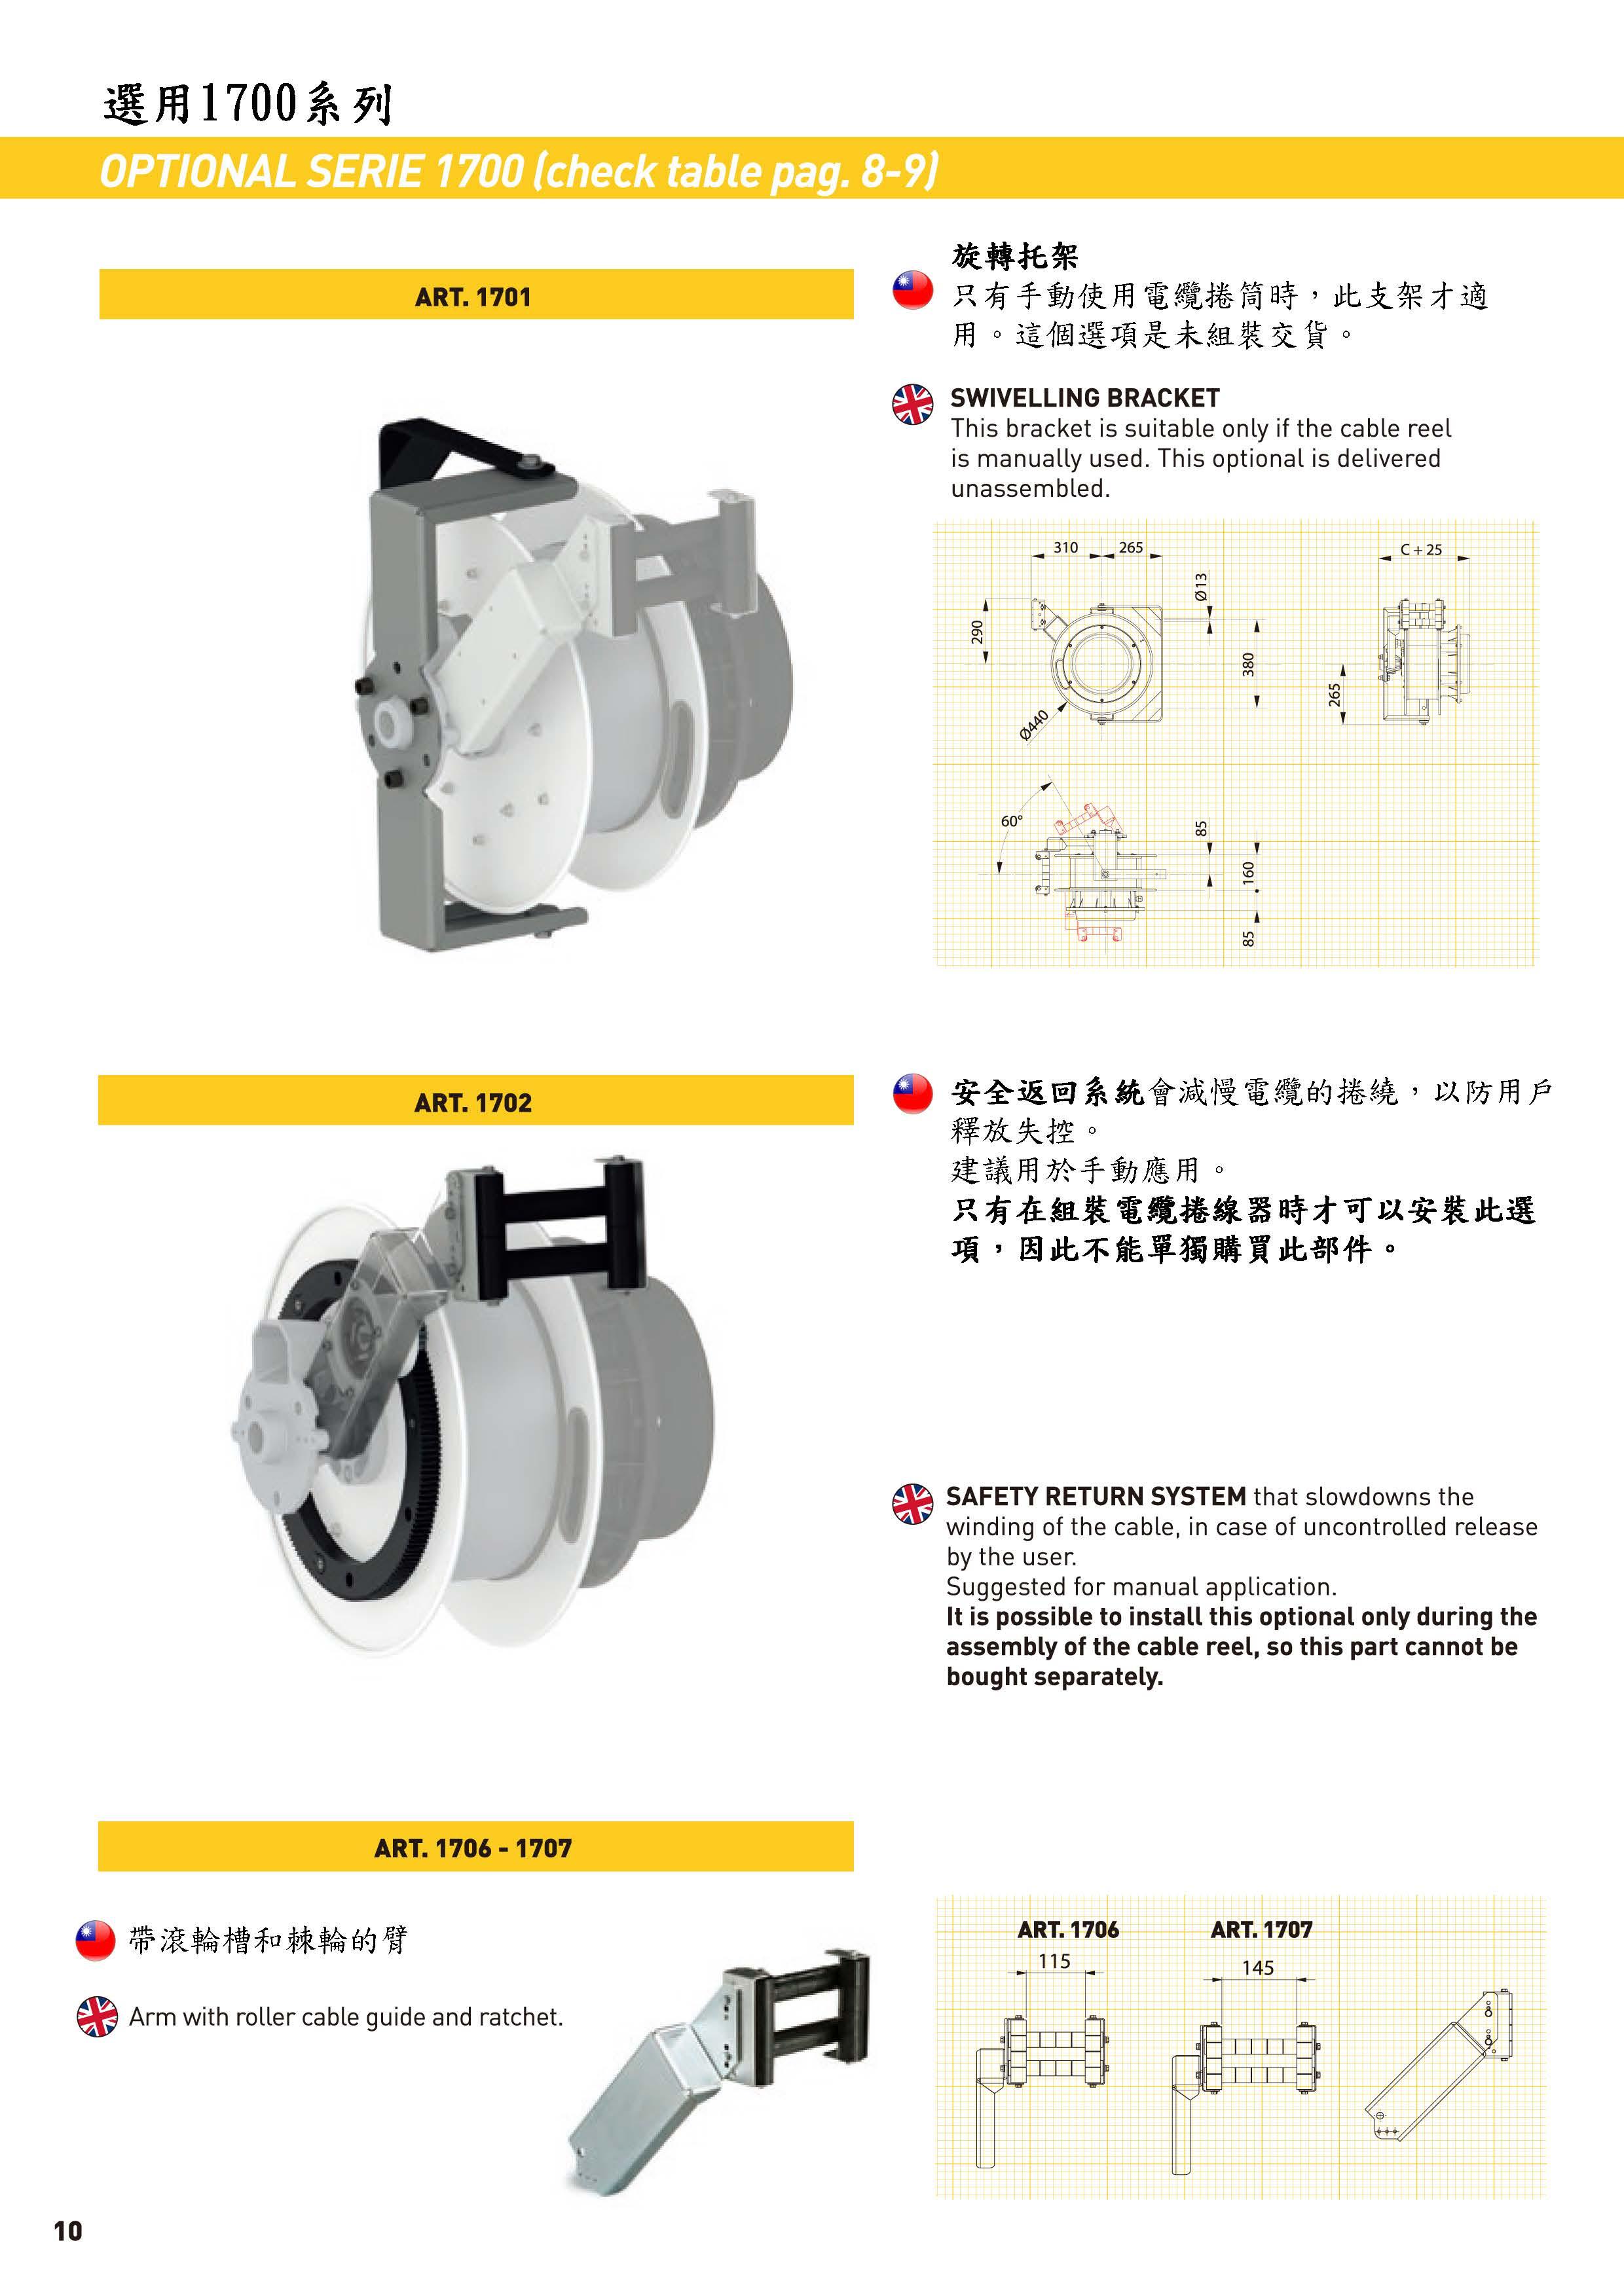 6-10. 選用1700系列 Optional 1700 seire